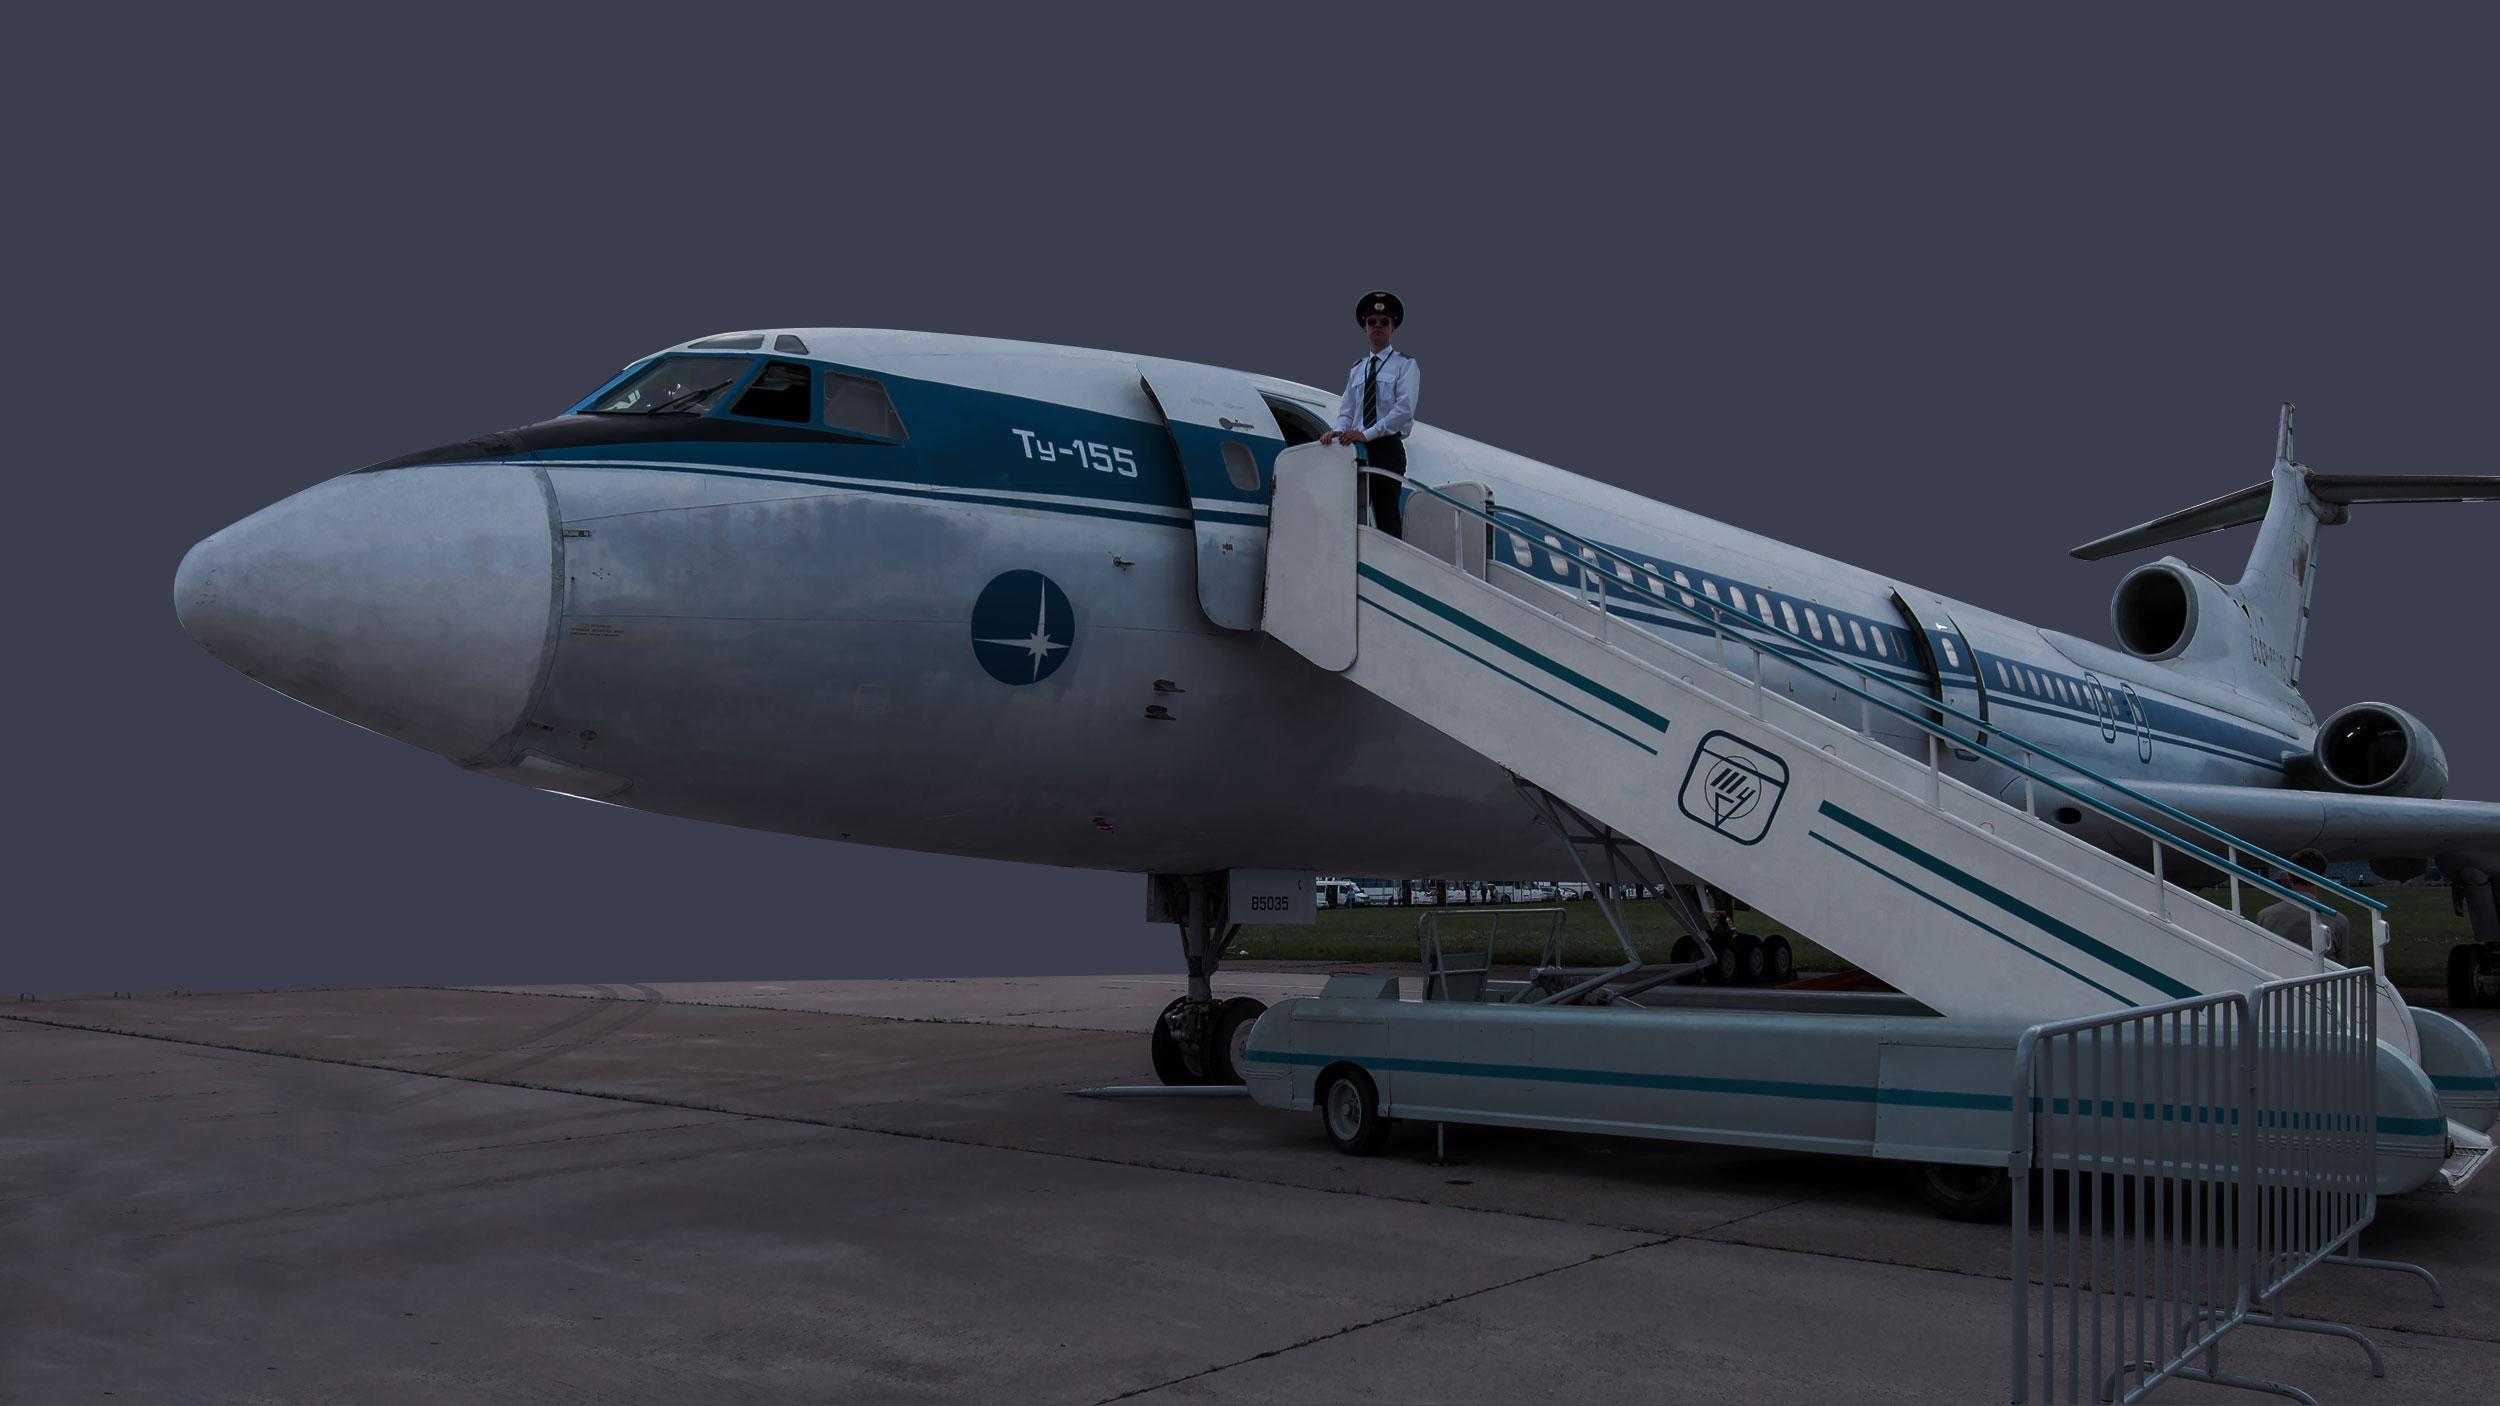 Придумано в СССР. Водородные самолёты Airbus — наследие забытого Ту-155